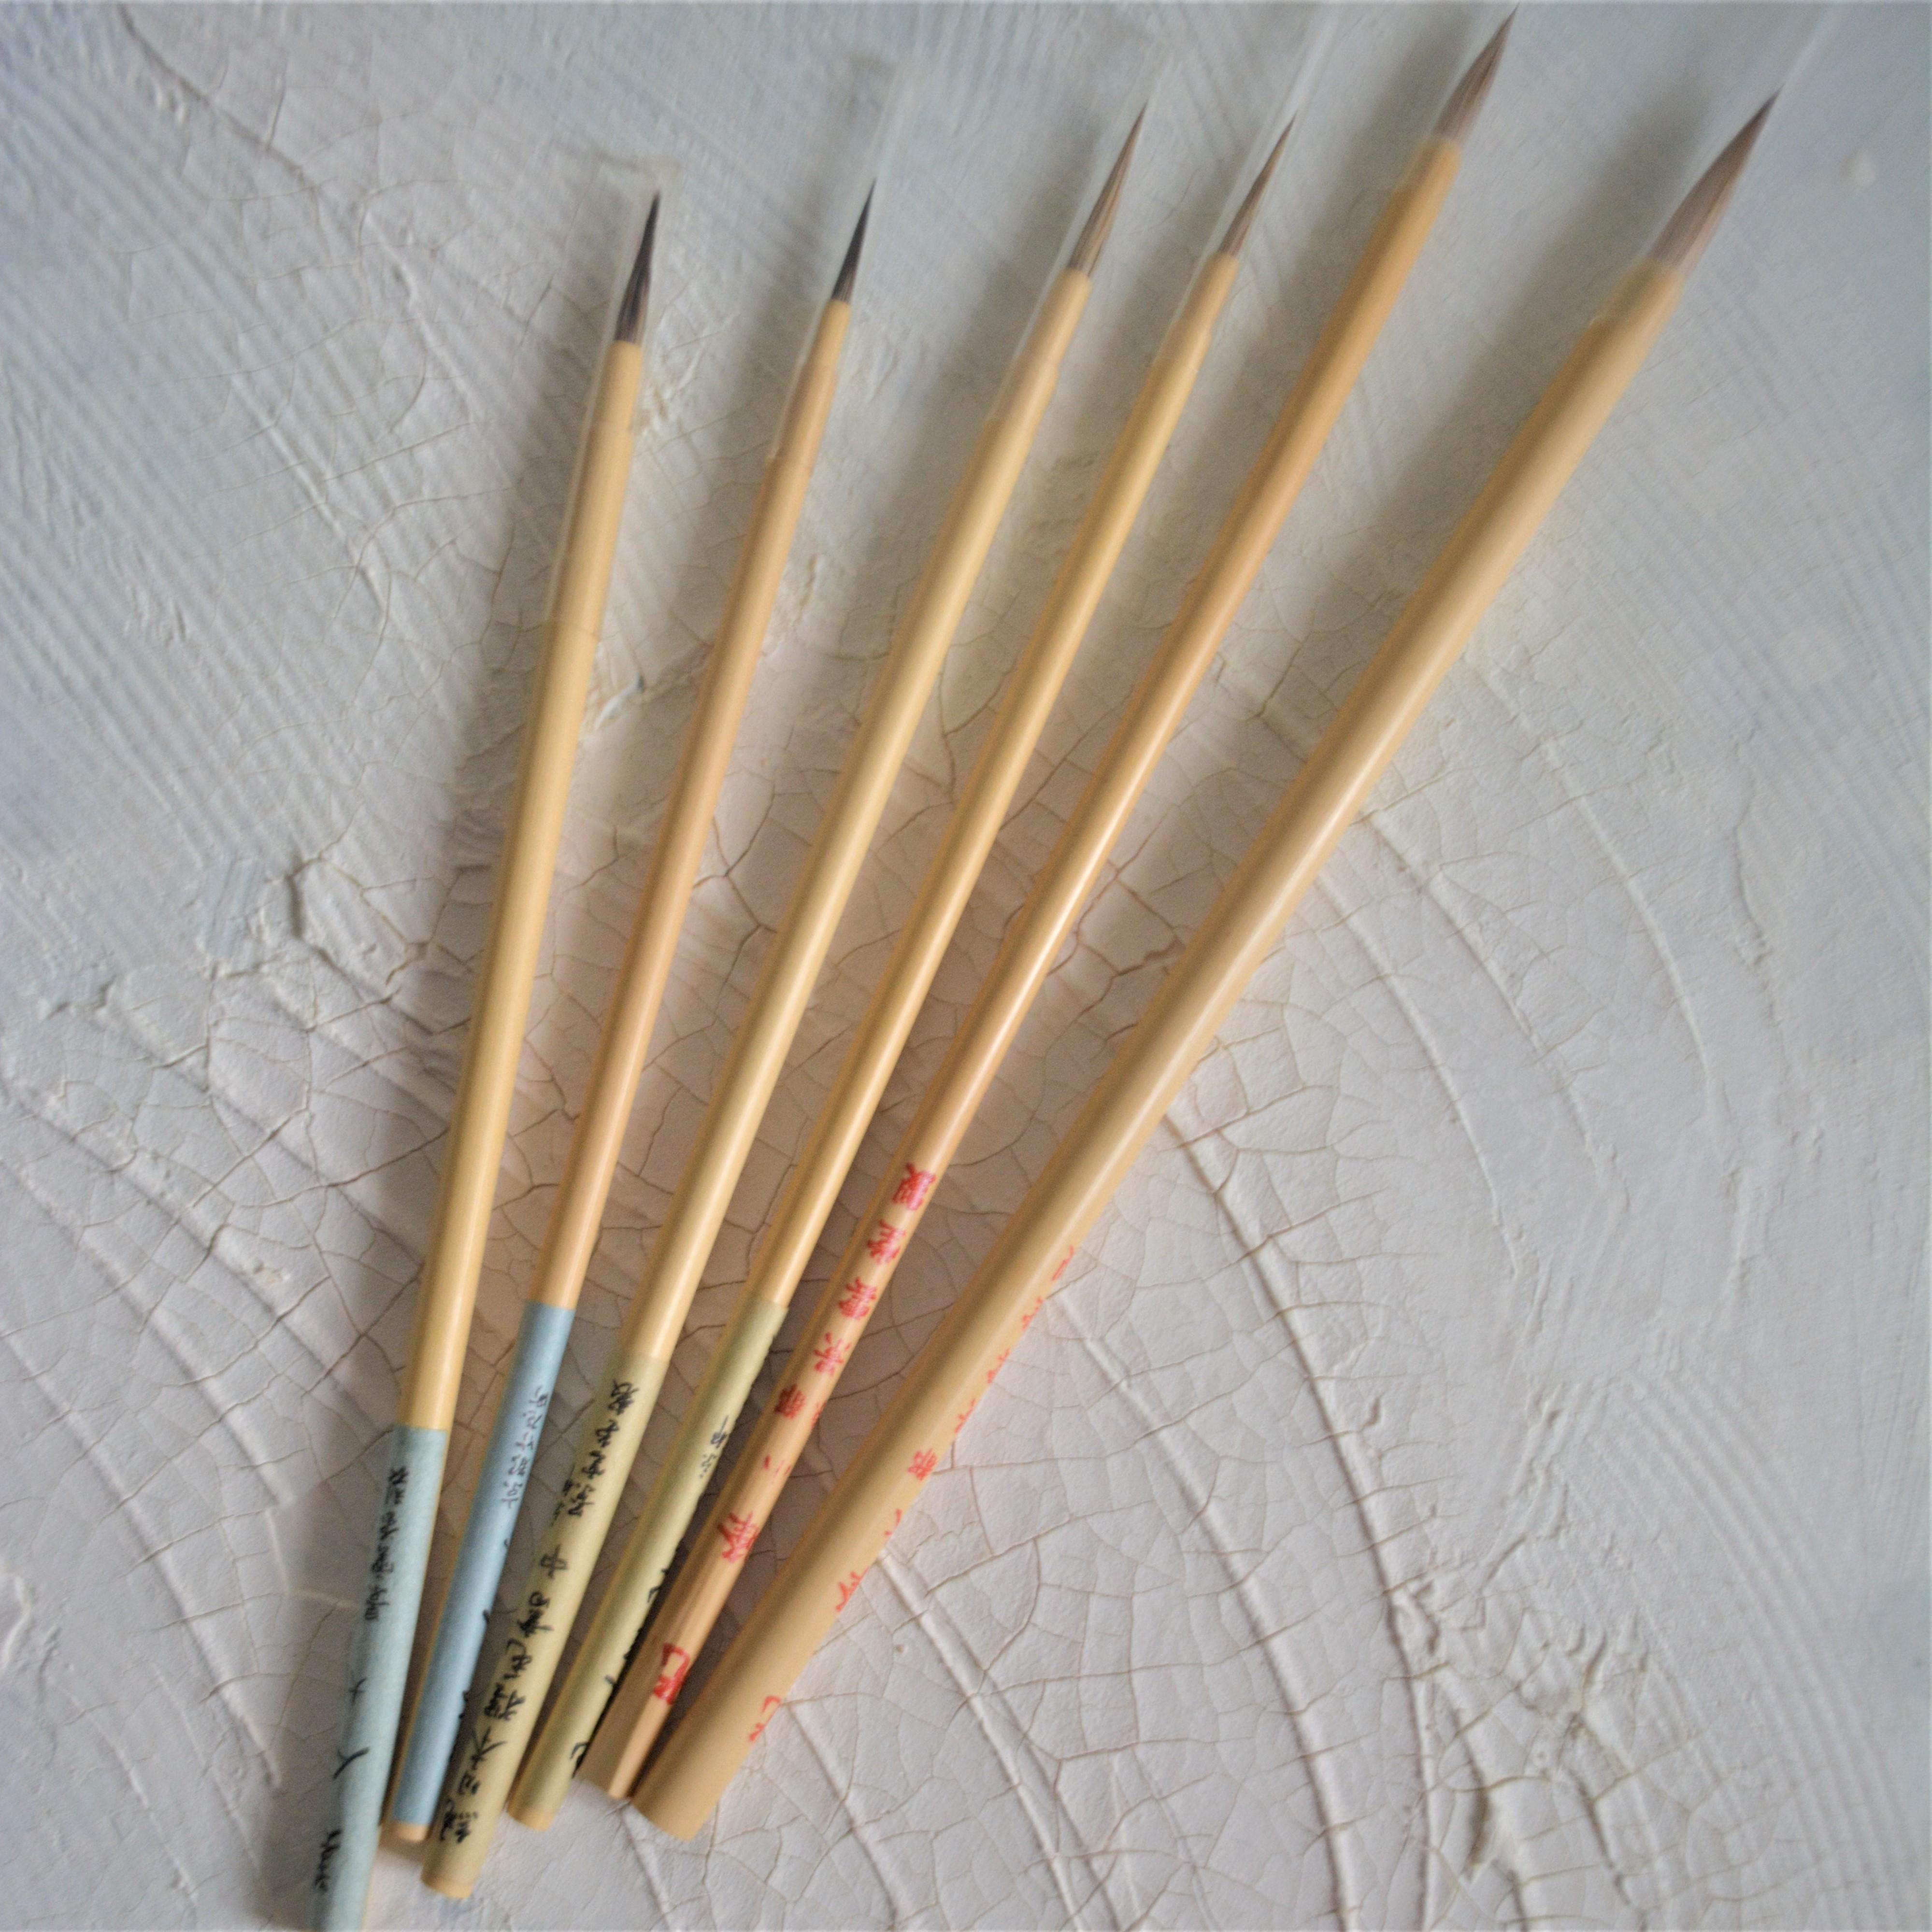 京都景雲堂 日本の筆6本セット